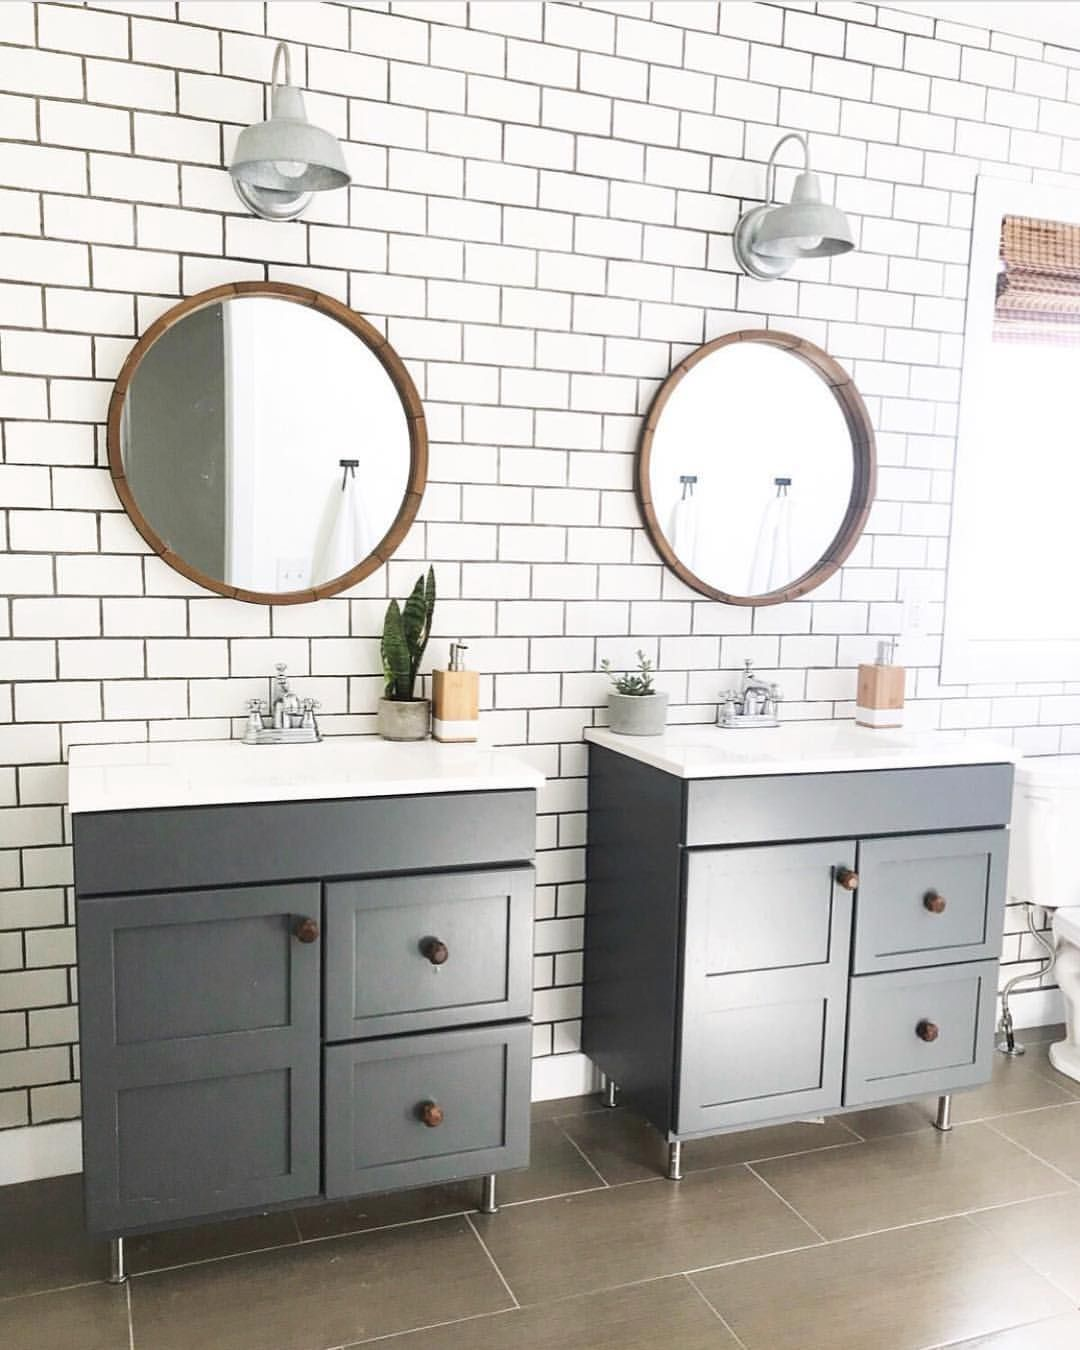 Farmhouse Bathroom Jack And Jill Bathroom Jack And Jill Bathroom Best Bathroom Designs Joinery Design